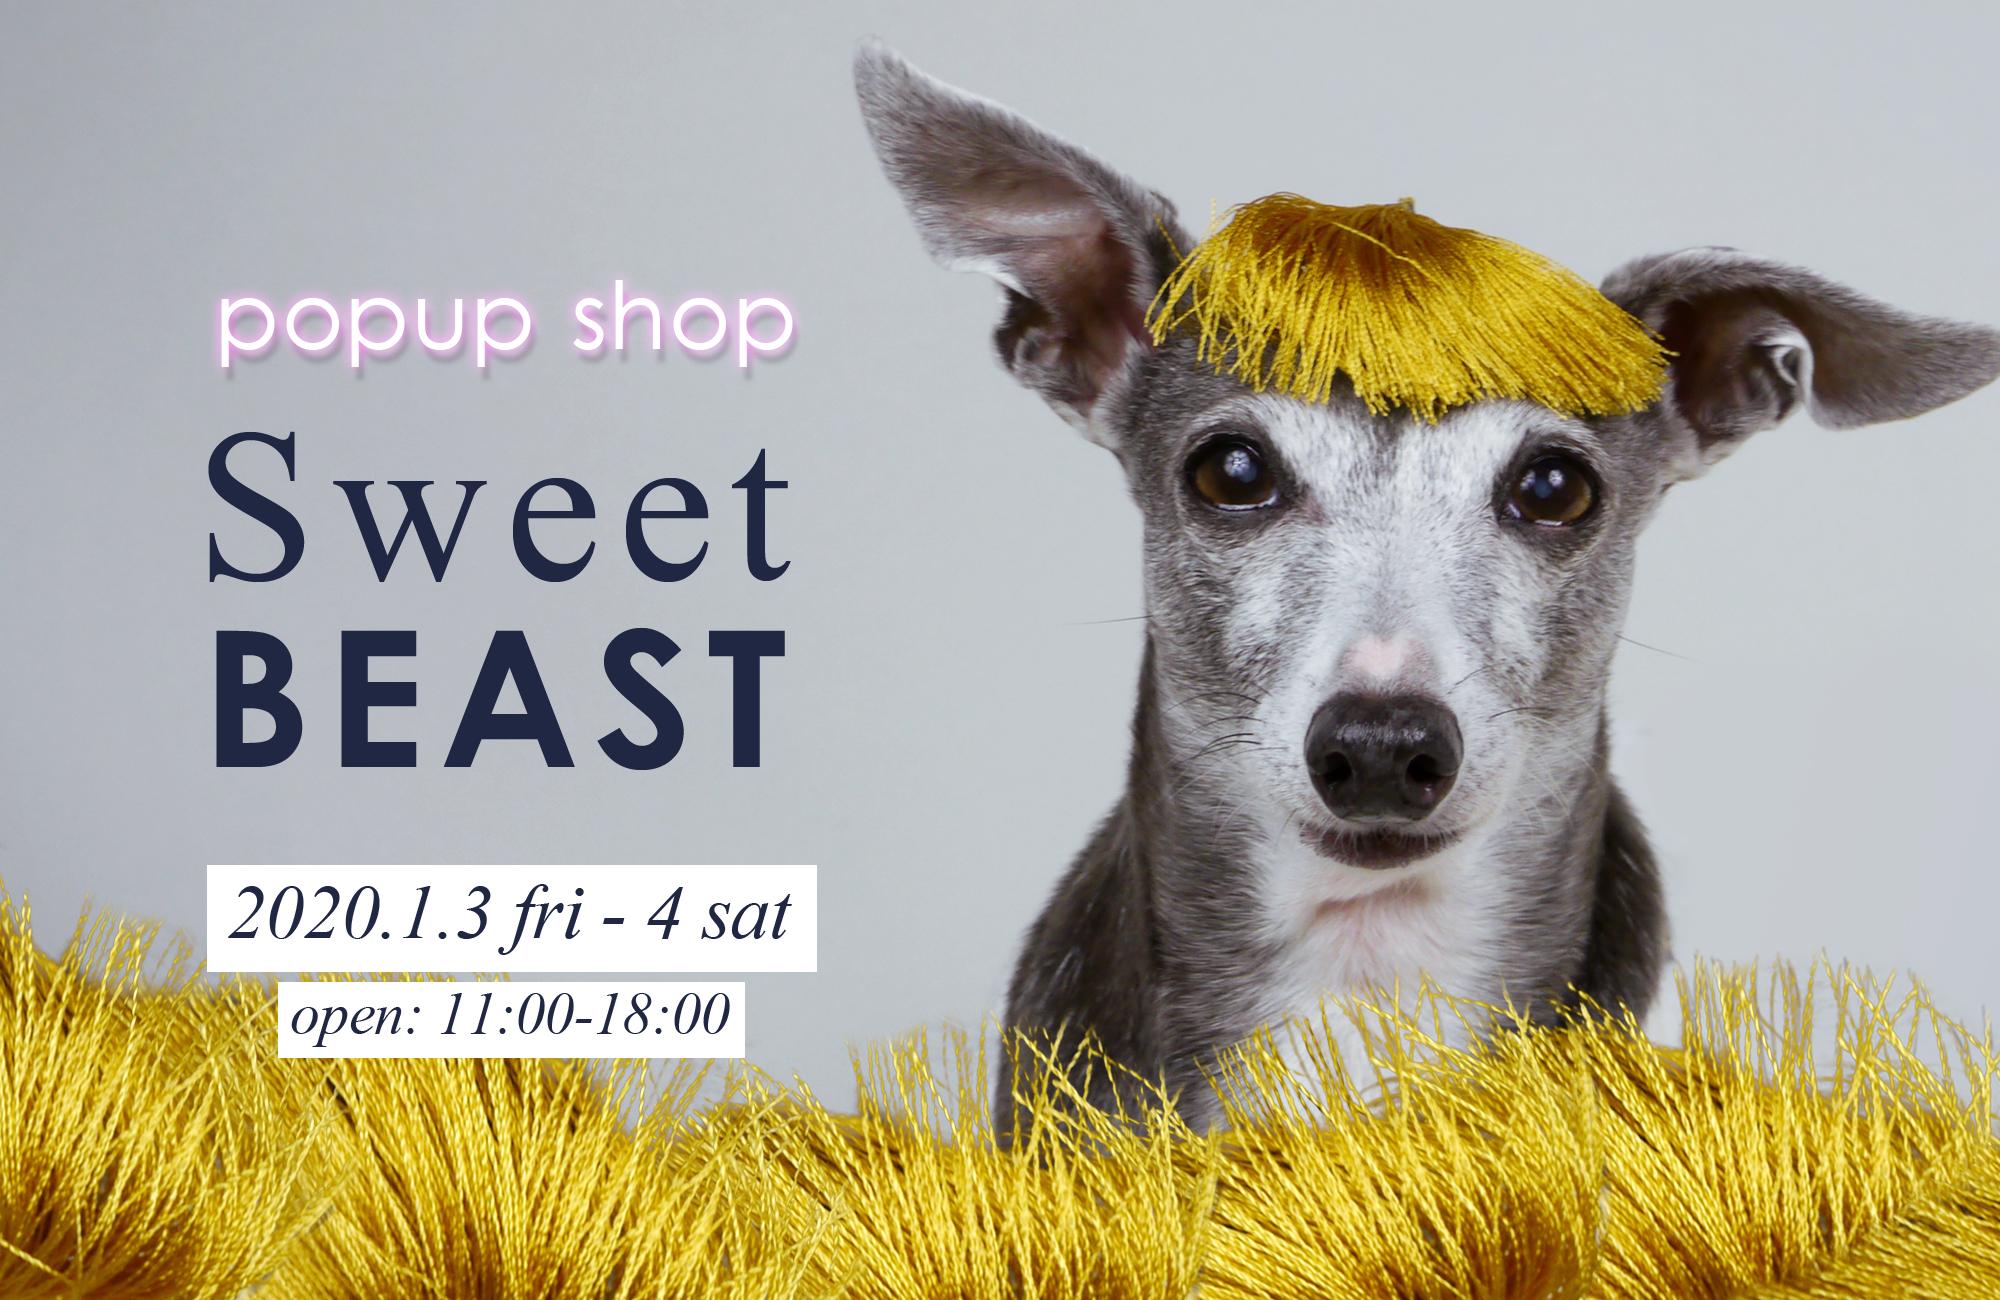 愛犬のためのポップアップショップ「Sweet BEAST」新春初売り in 山口県宇部市 / by イタグレ・ダーコ